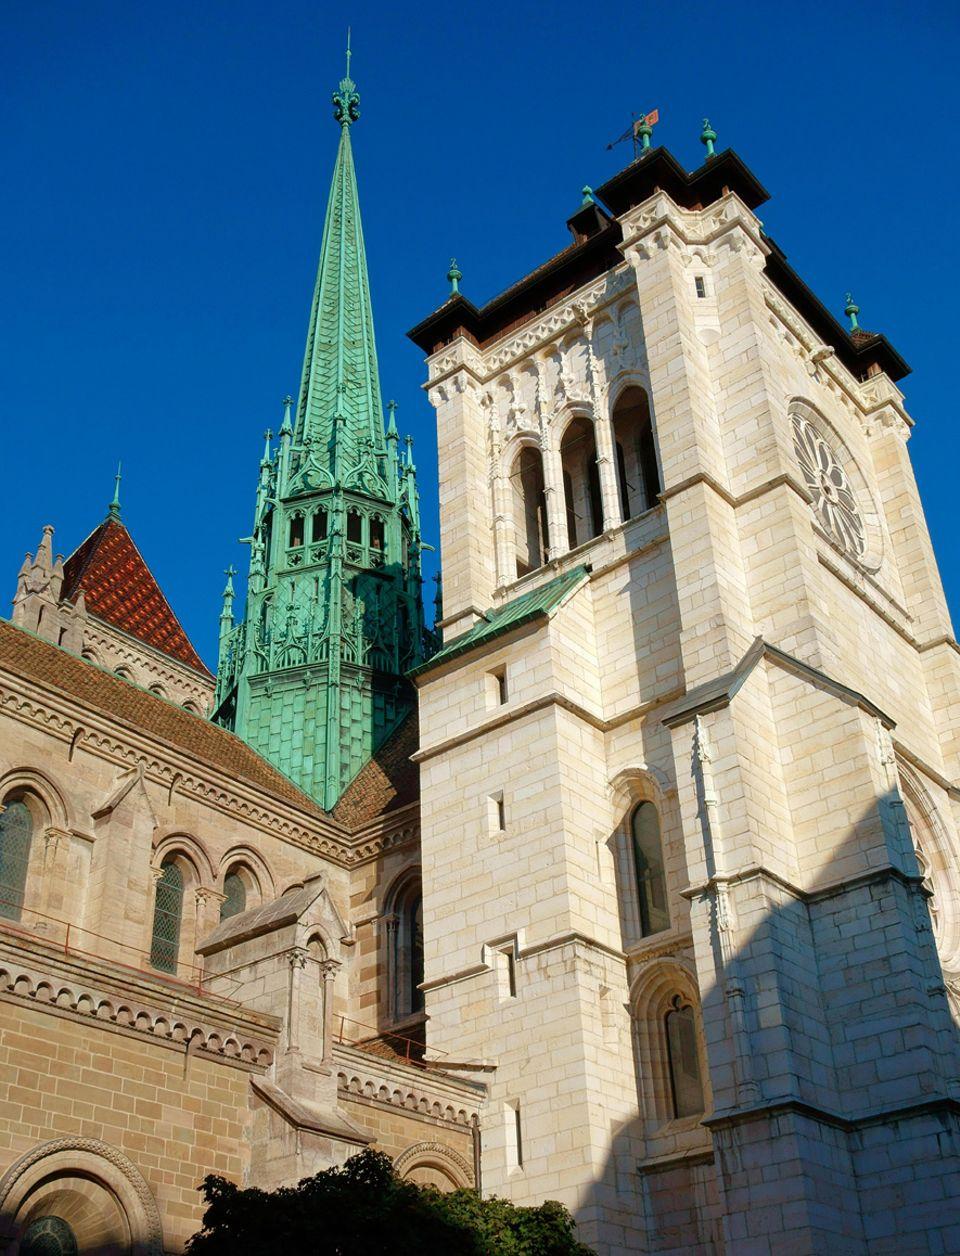 Schweiz: Im romanischen Stil begonnen, wurde die Kirche Saint Pierre 1260 im gotischen Stil vollendet und trohnt auf dem Altstadthägel über der Stadt